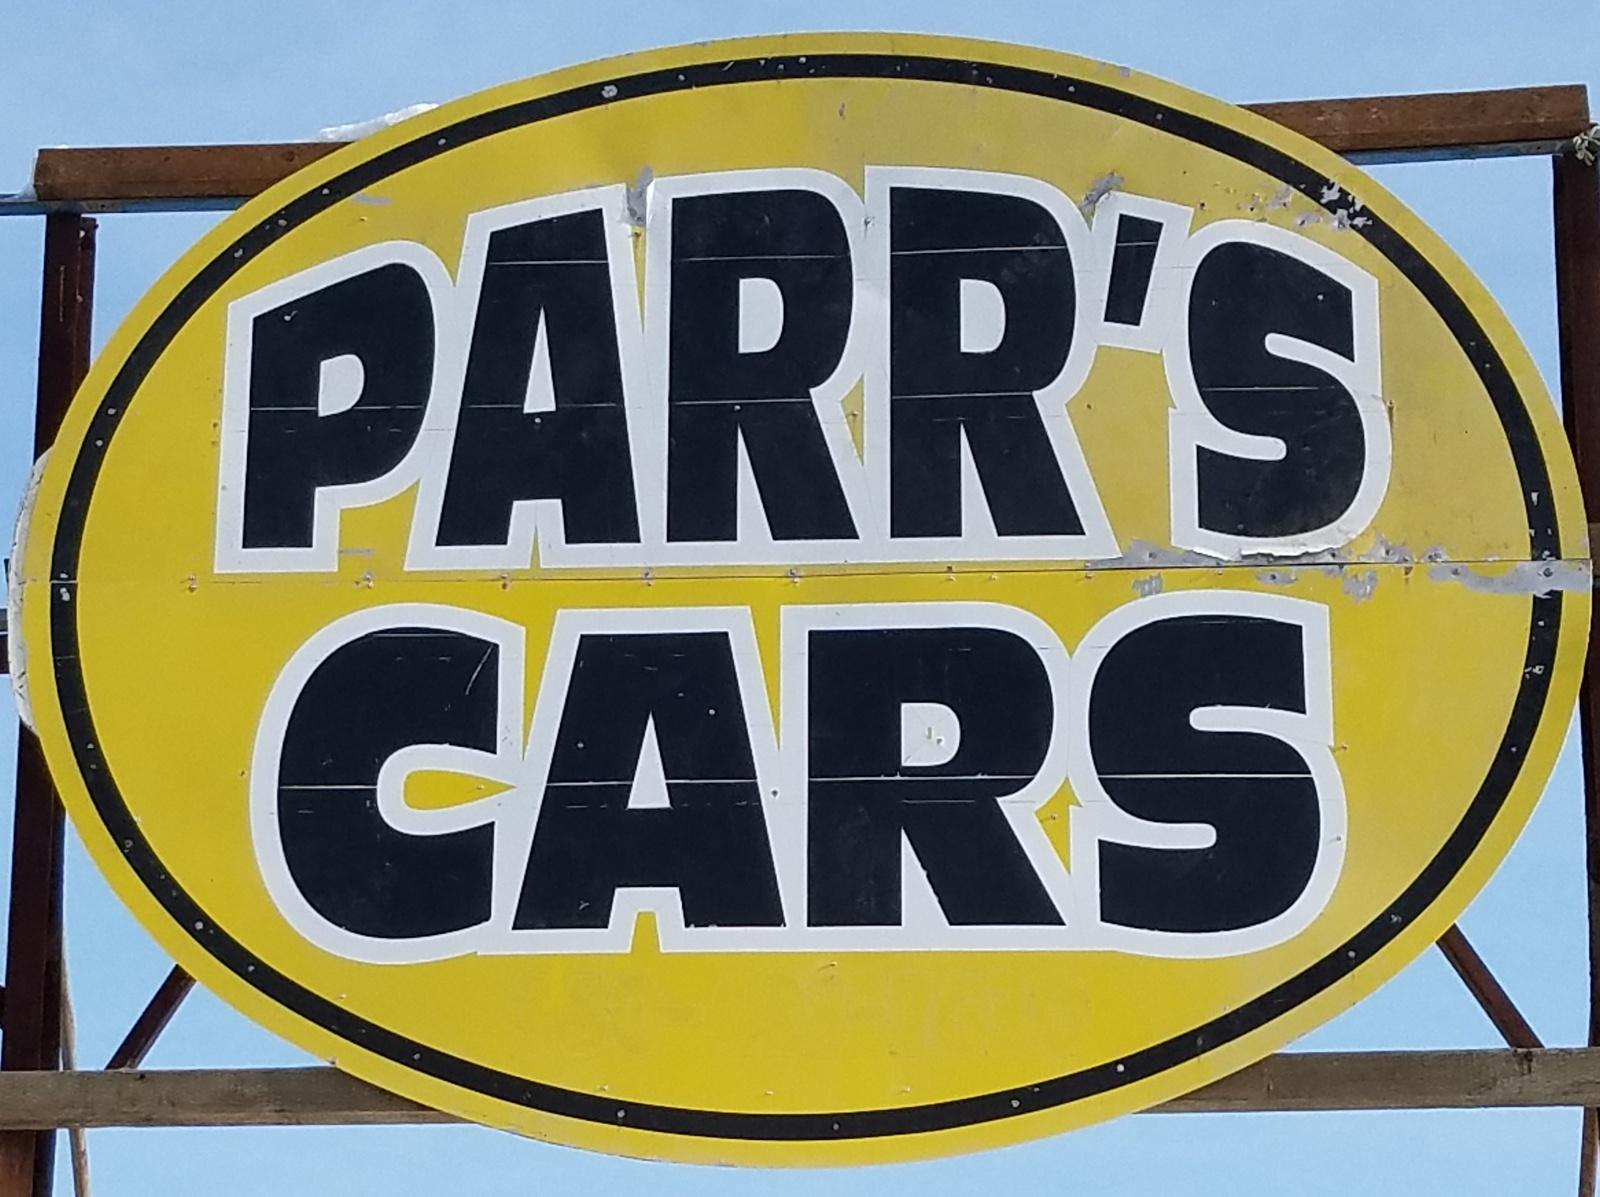 Parr's Cars - Longview, WA: Read Consumer reviews, Browse ...